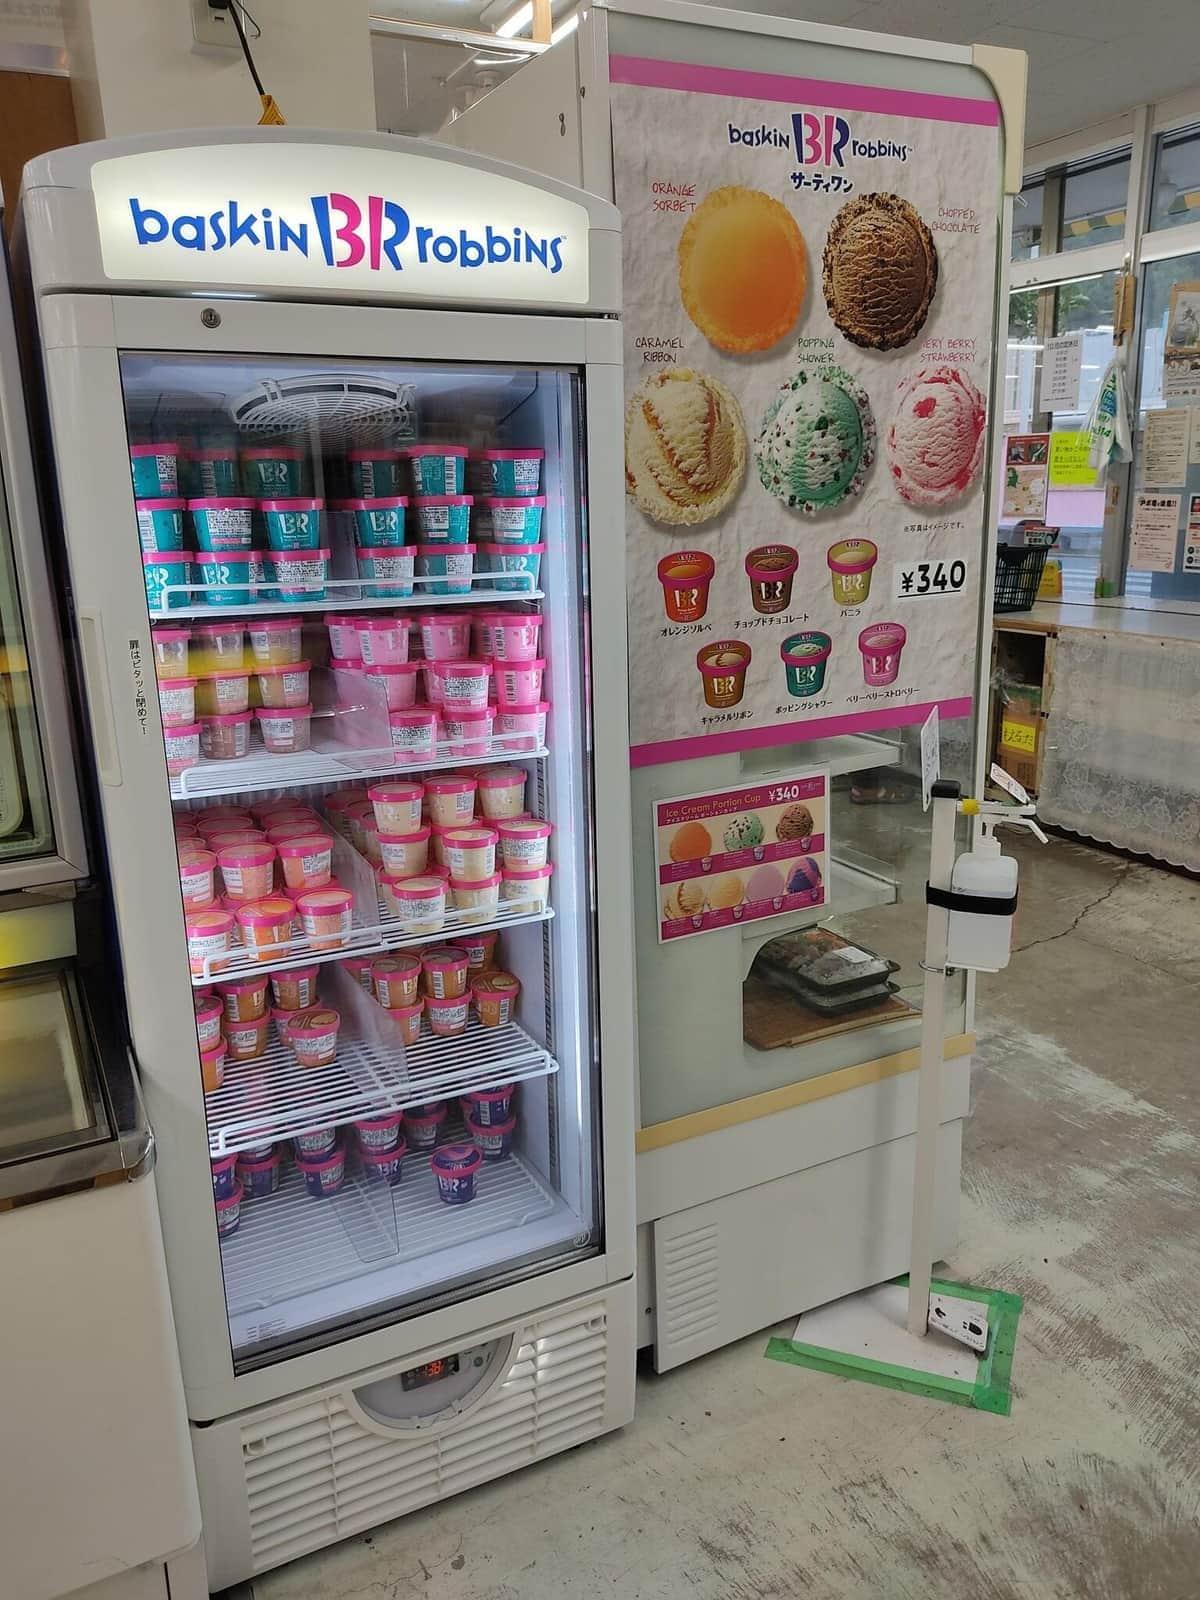 離島の生協でサーティワンアイスを売ったら... 2日半で「500個完売」の大ヒット、担当者「販売できて光栄」